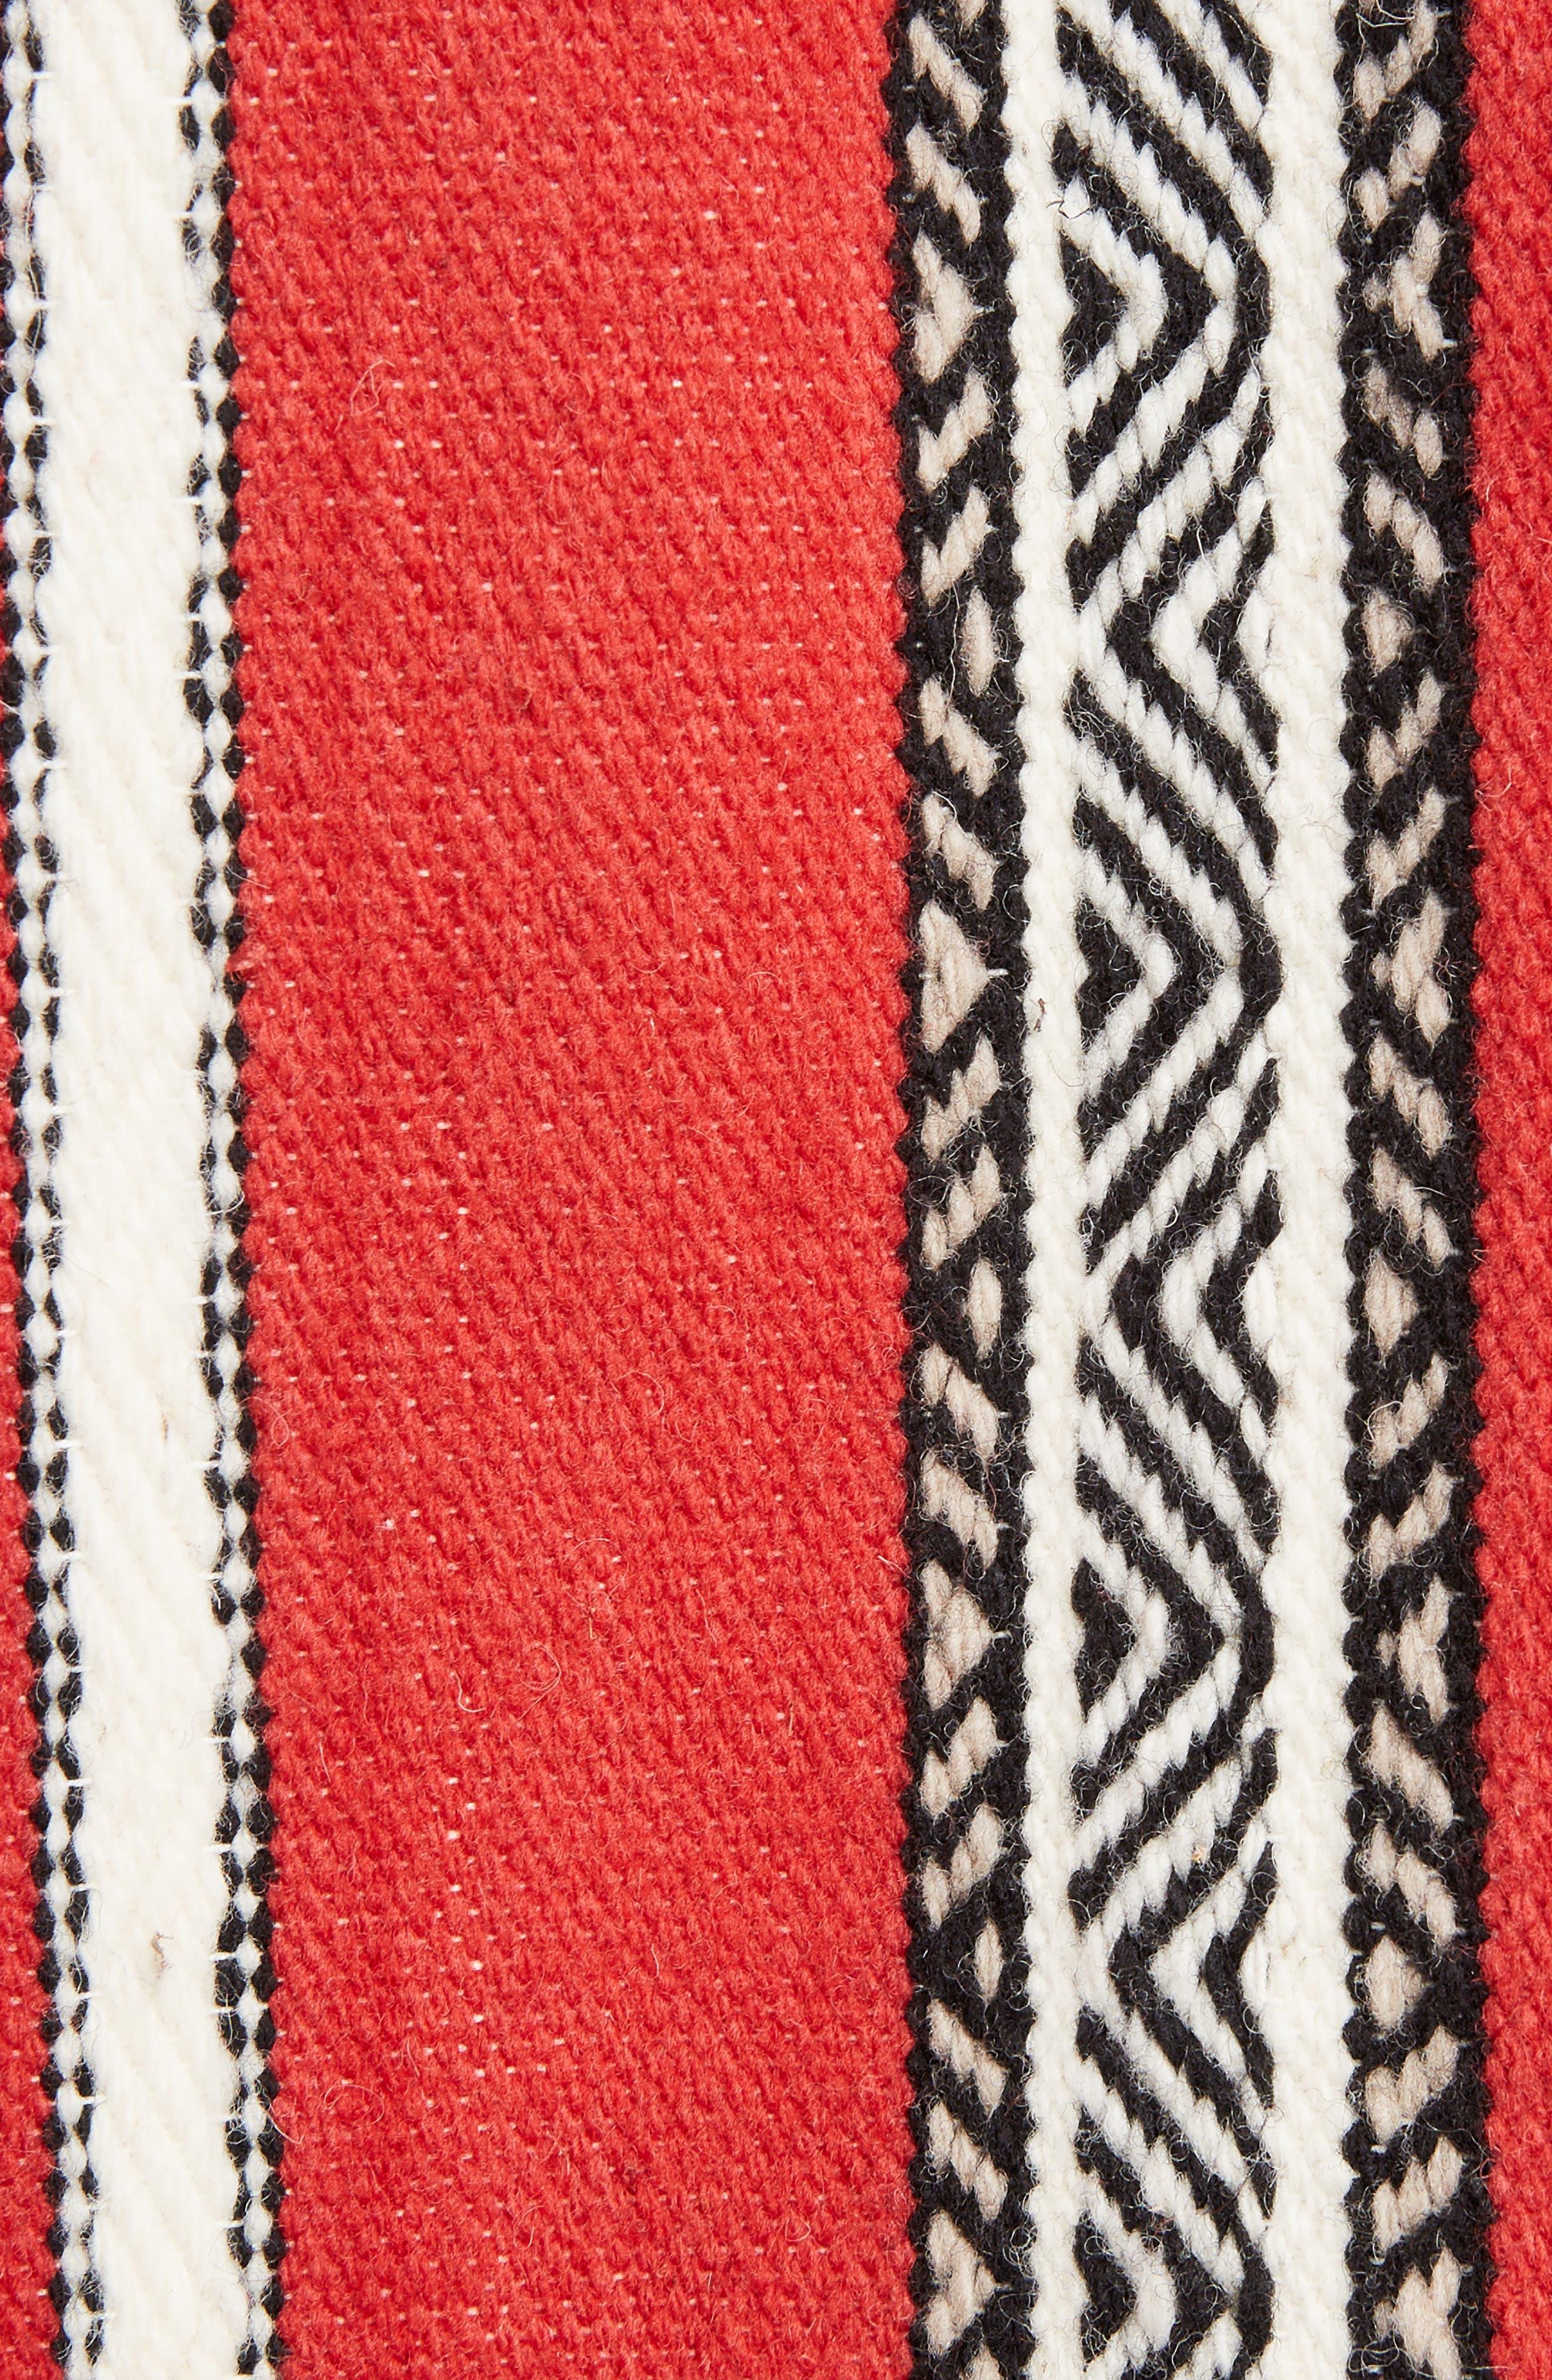 Tapestry Wool Blend Teddy Jacket,                             Alternate thumbnail 5, color,                             Rouge Craie Noir